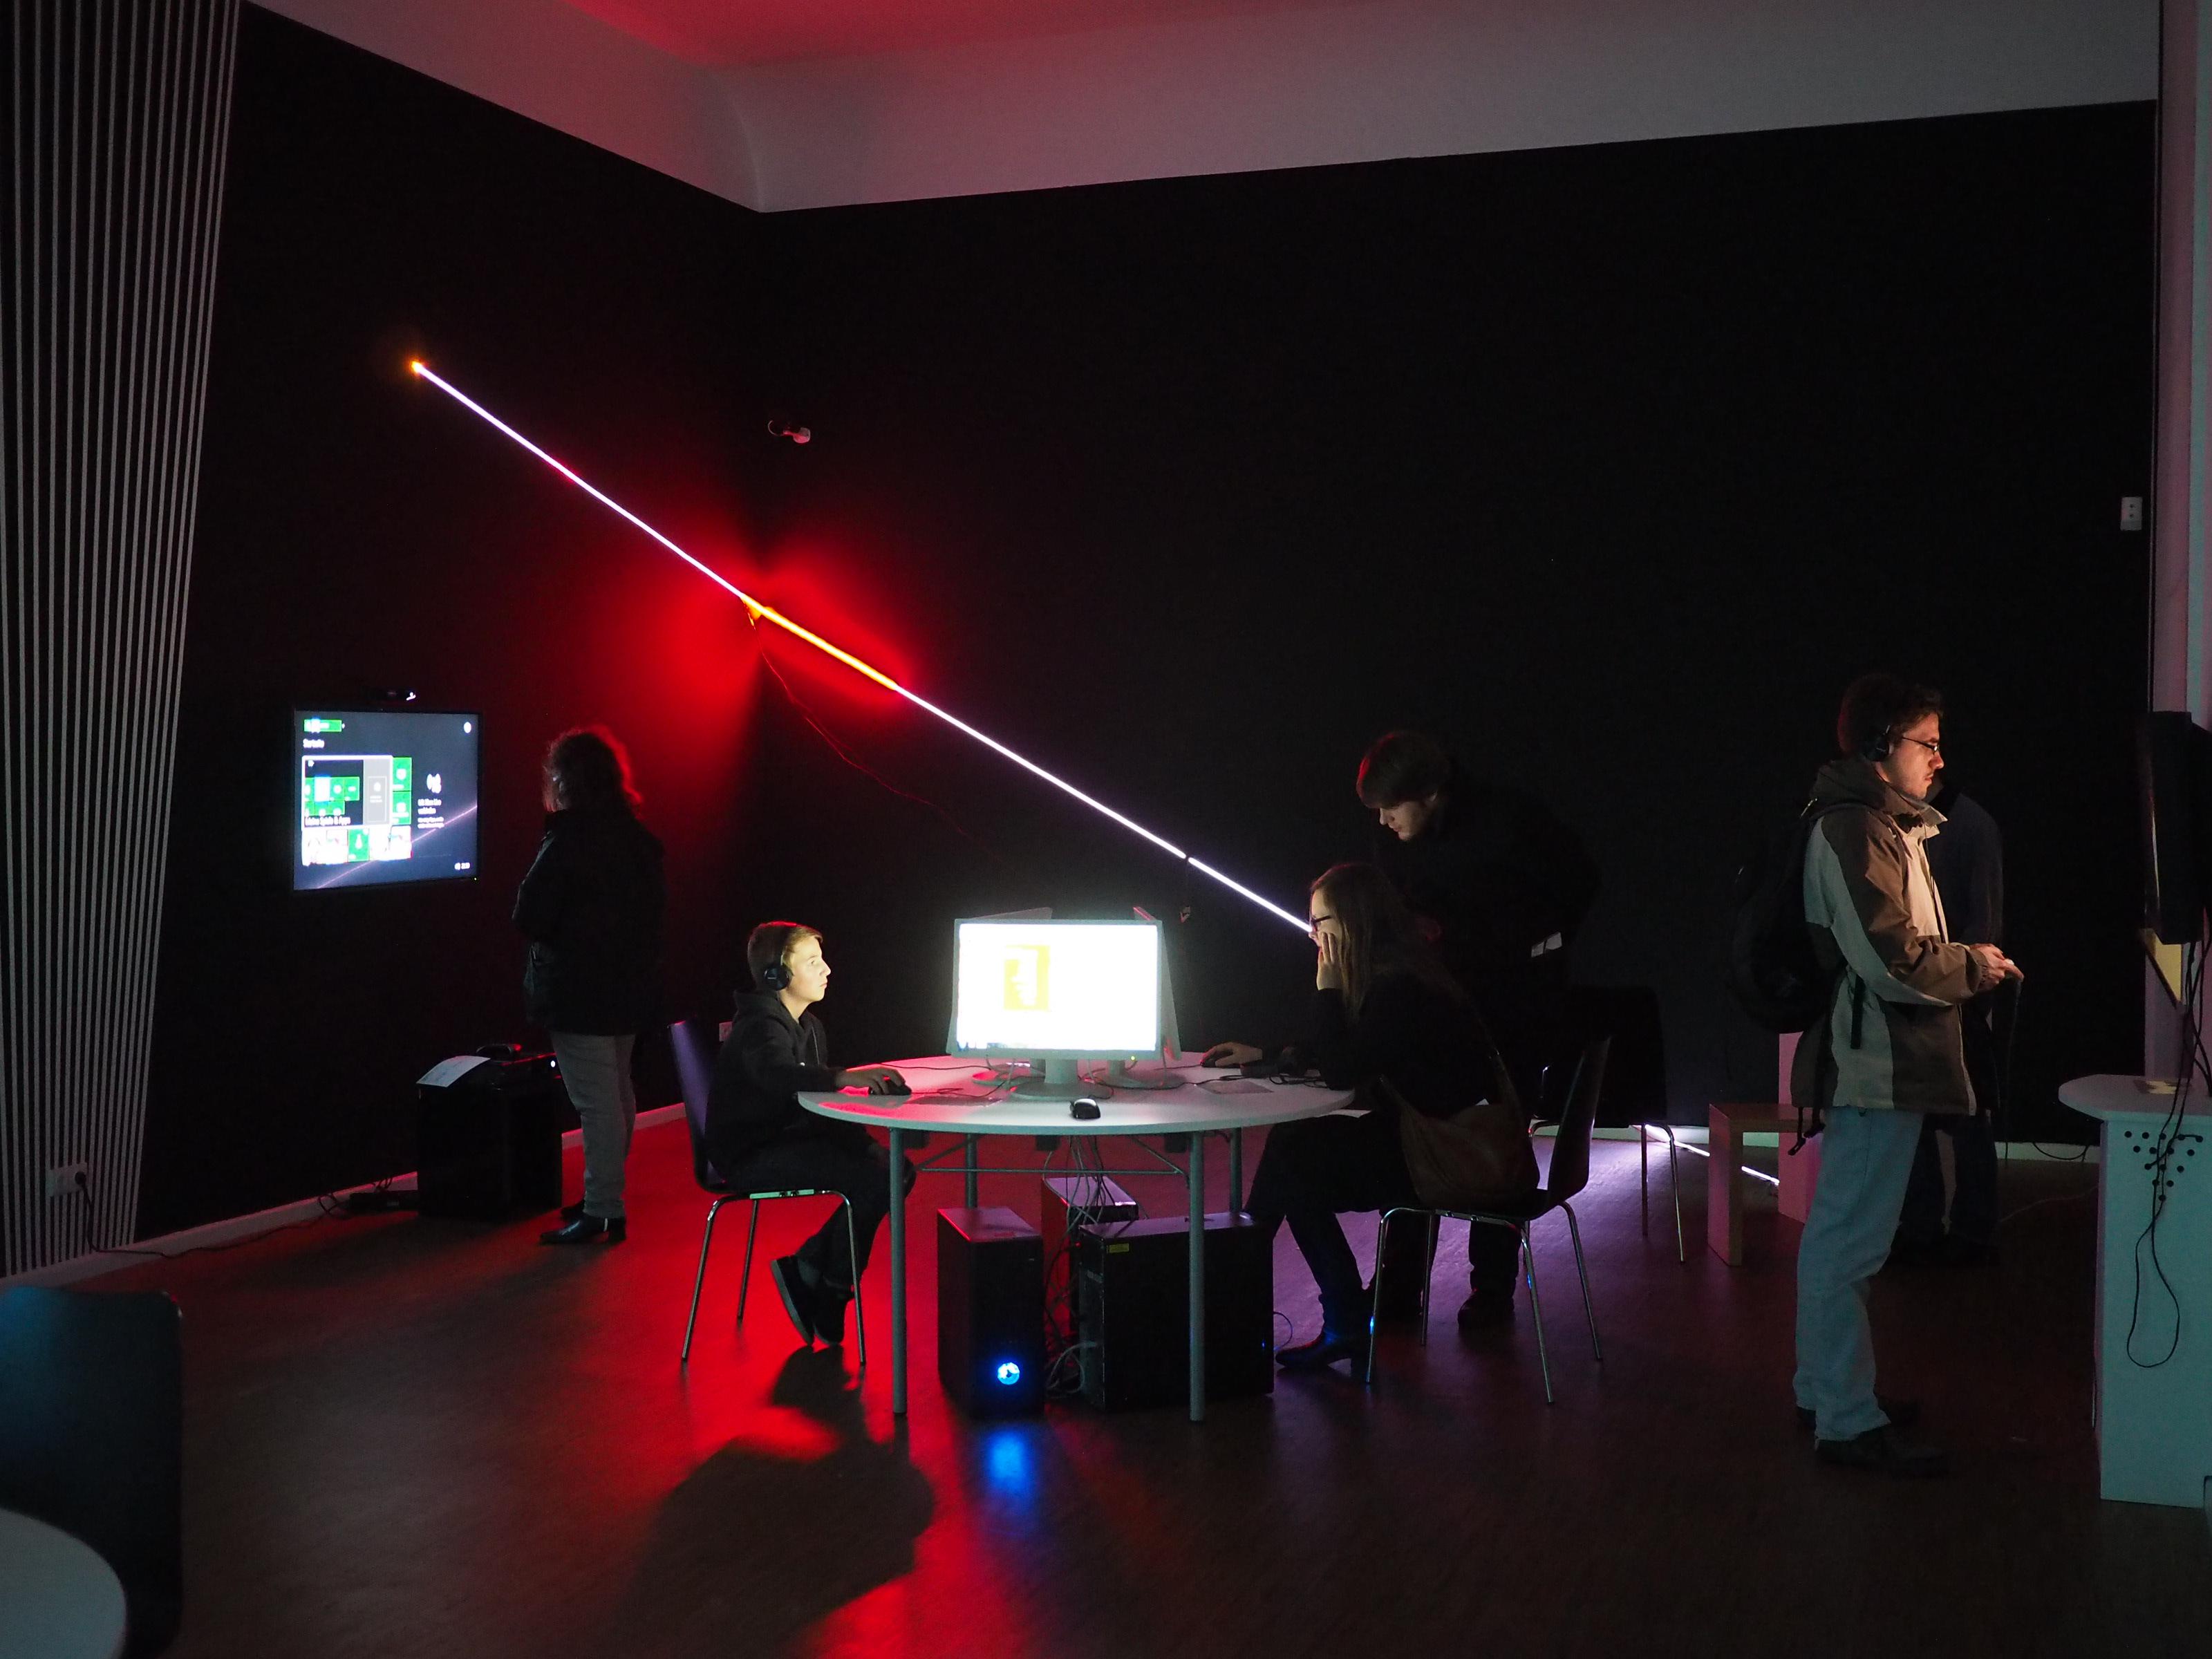 extralife – Eine Ausstellung zur Videospielkultur